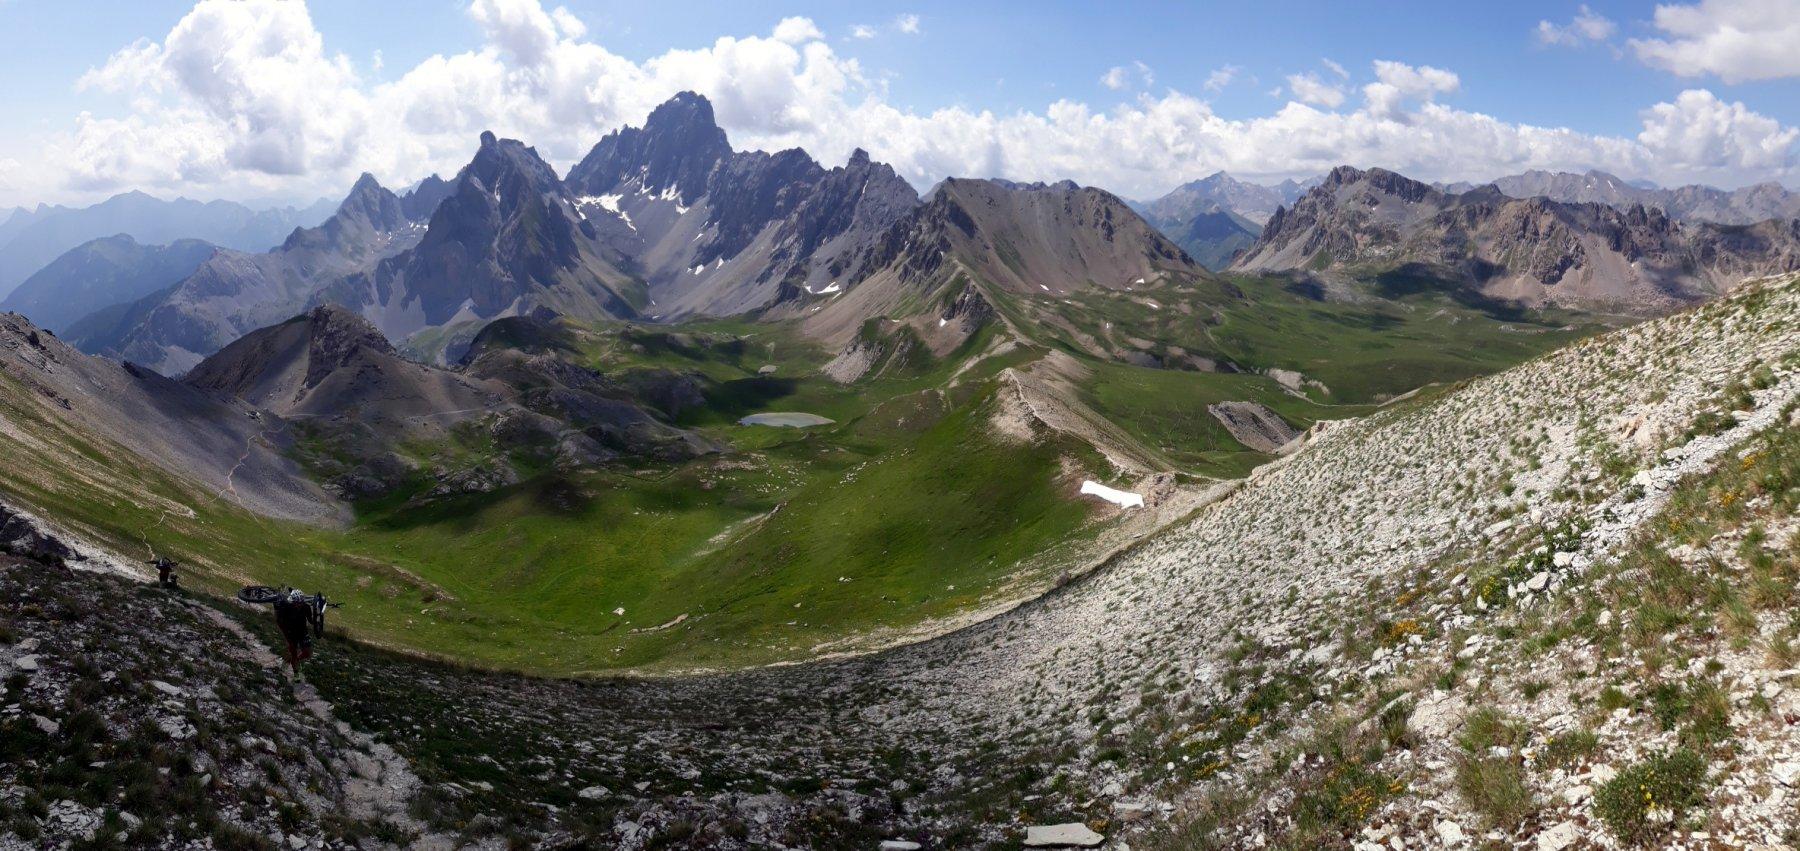 Monte Oronaye dal Monte Soubeyran: sulla destra la cresta di discesa